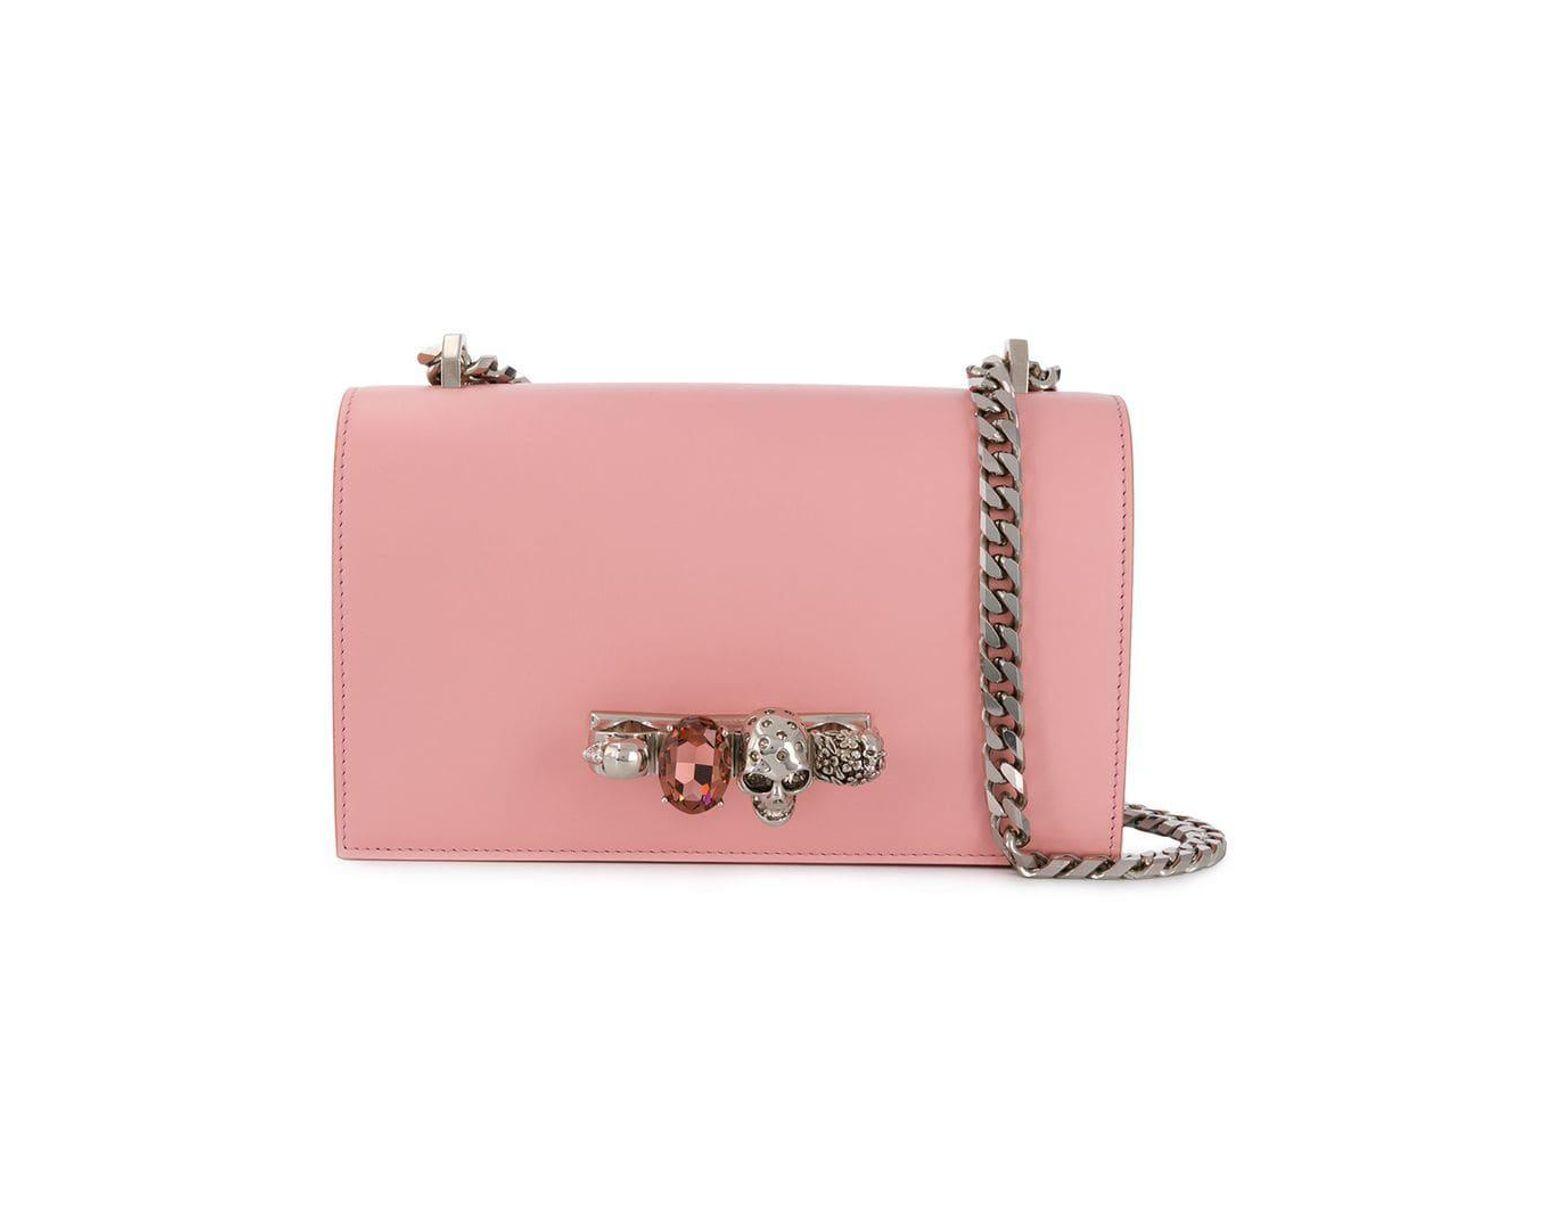 f8de0eab833 Alexander McQueen Jewelled Crossbody Bag in Pink - Lyst